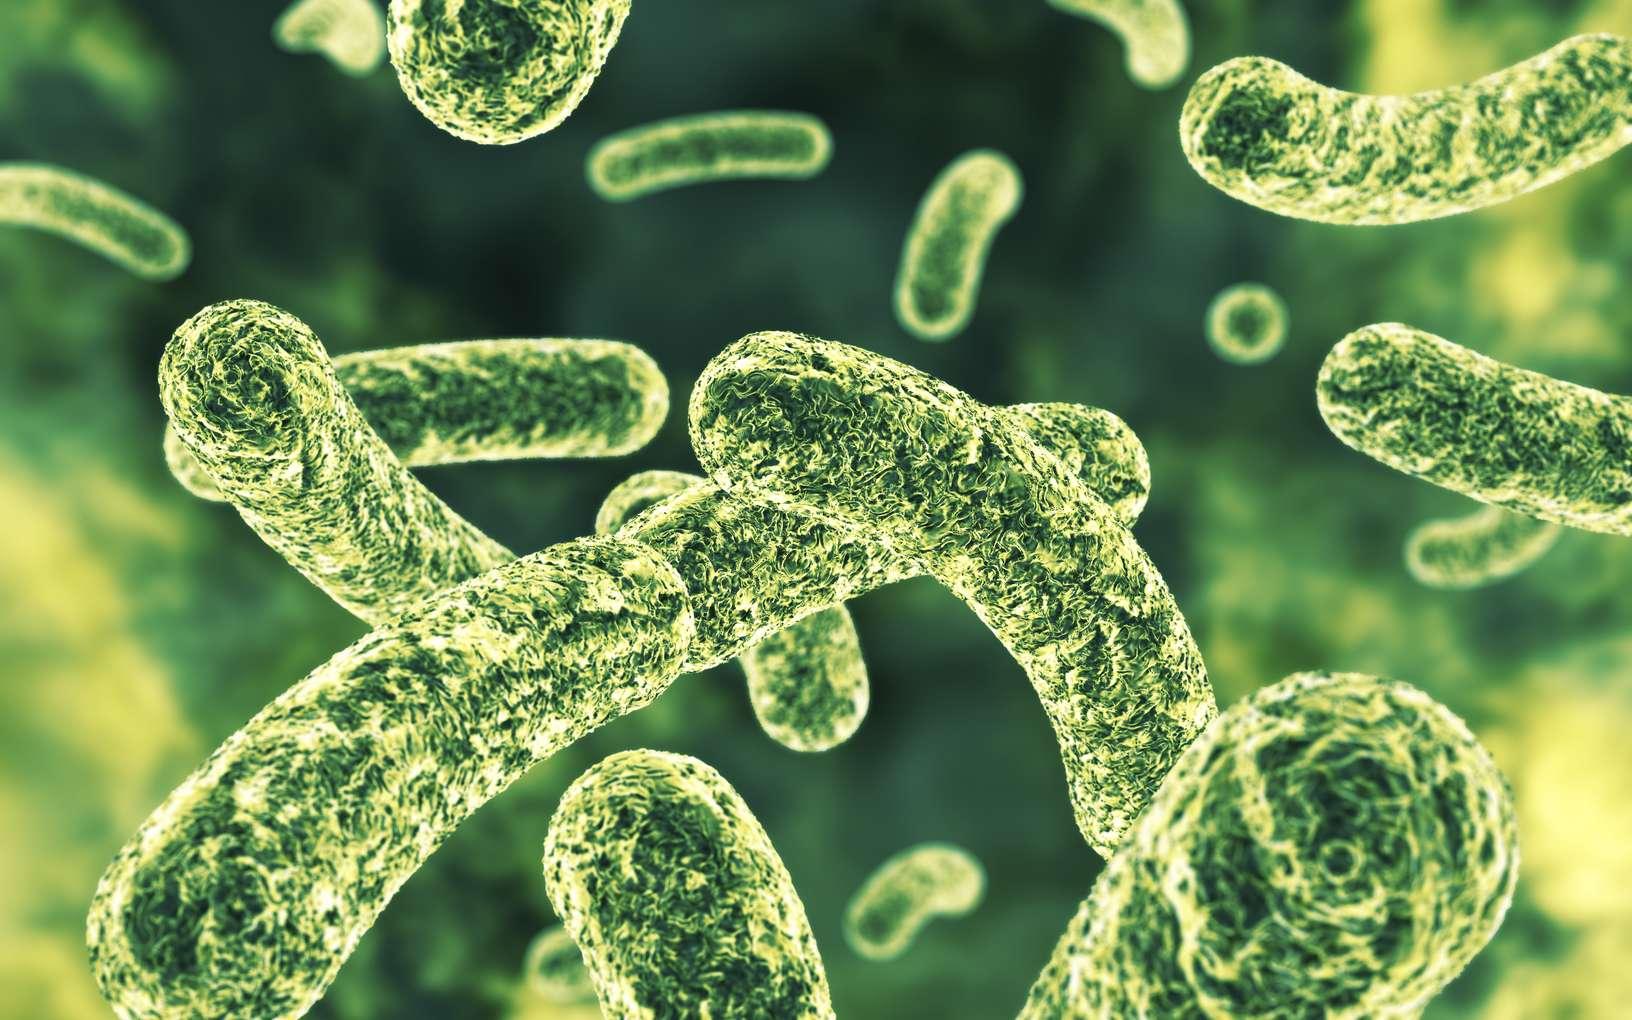 Baptisée « halicin », la molécule serait efficace contre de nombreuses bactéries. Elle a réussi à tuer de nombreuses bactéries résistantes aux antibiotiques existants. © Bjoern Meyer, Istock.com